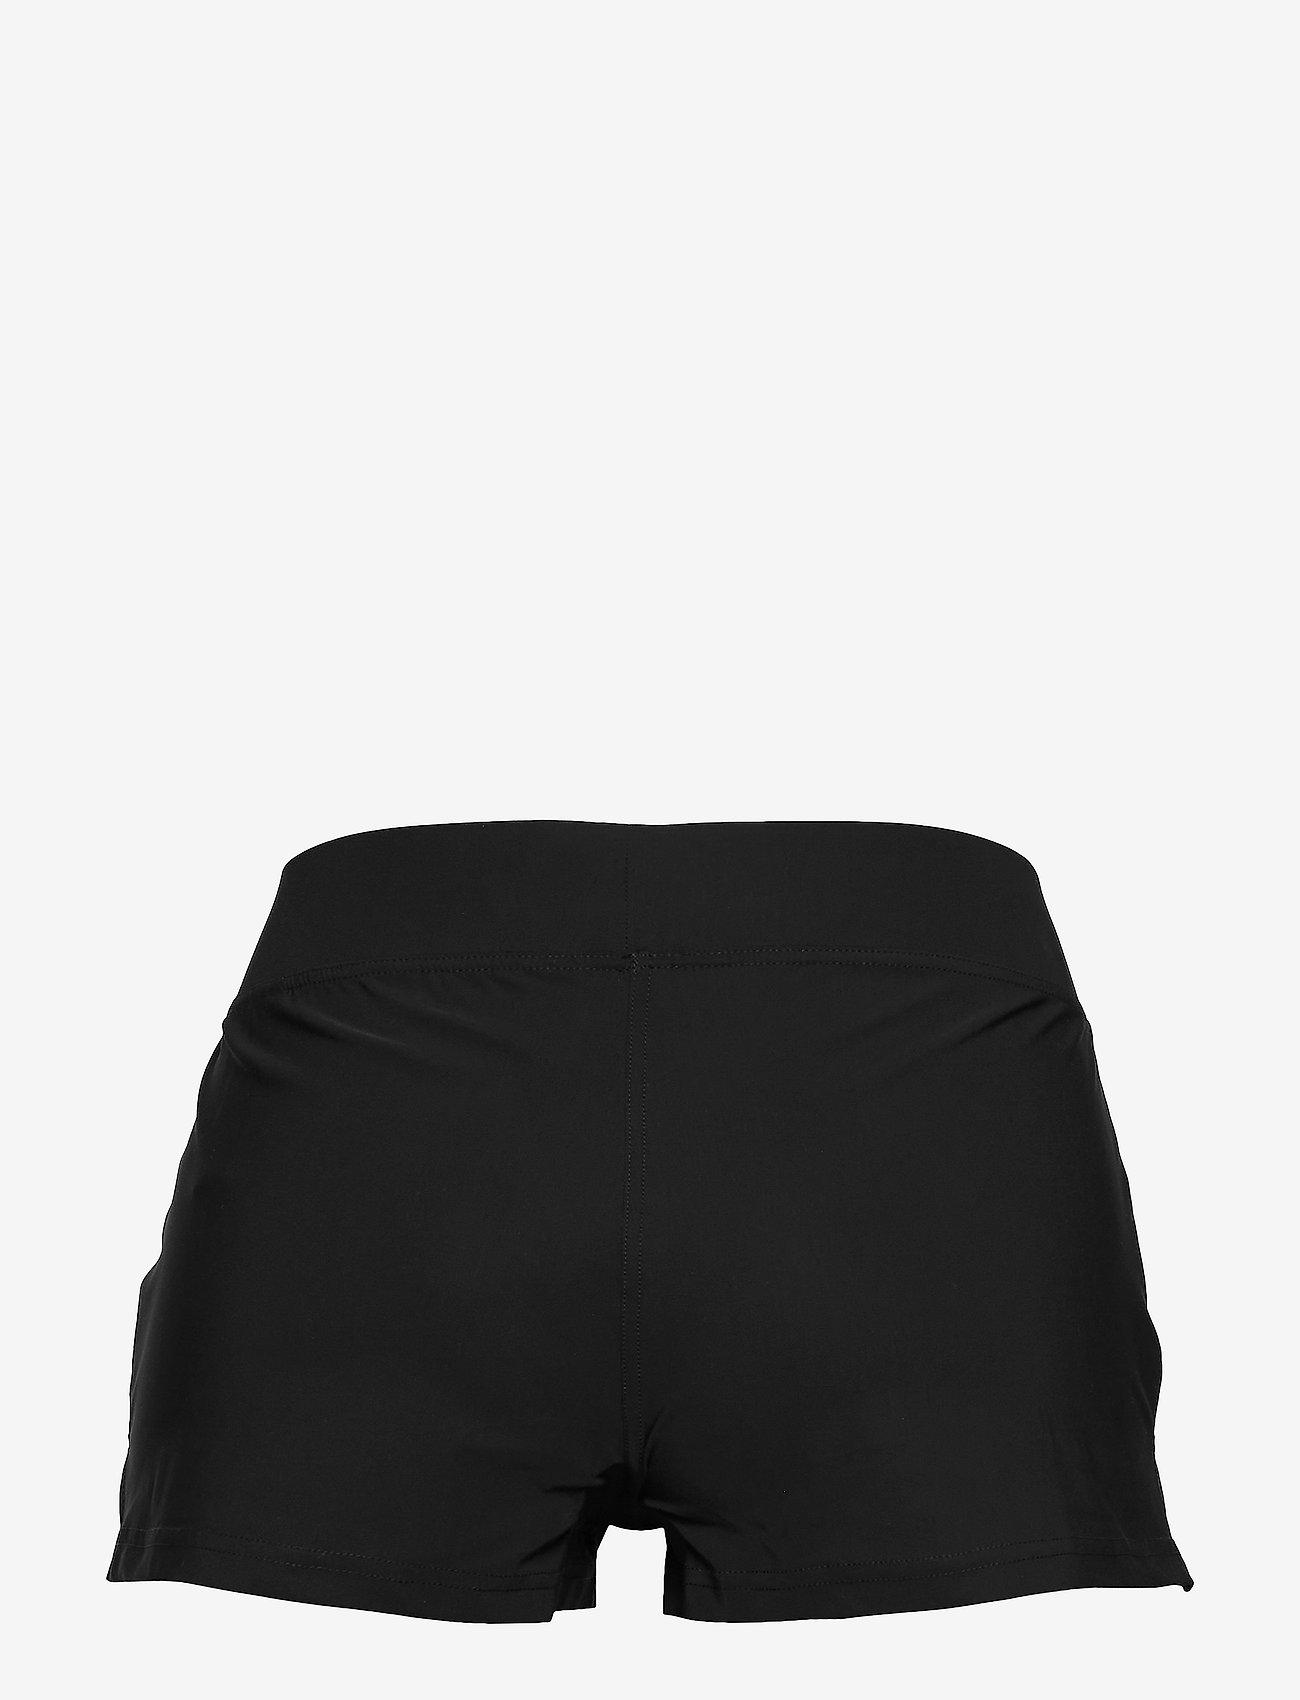 Summer Shorts (Black) (374.25 kr) - Casall